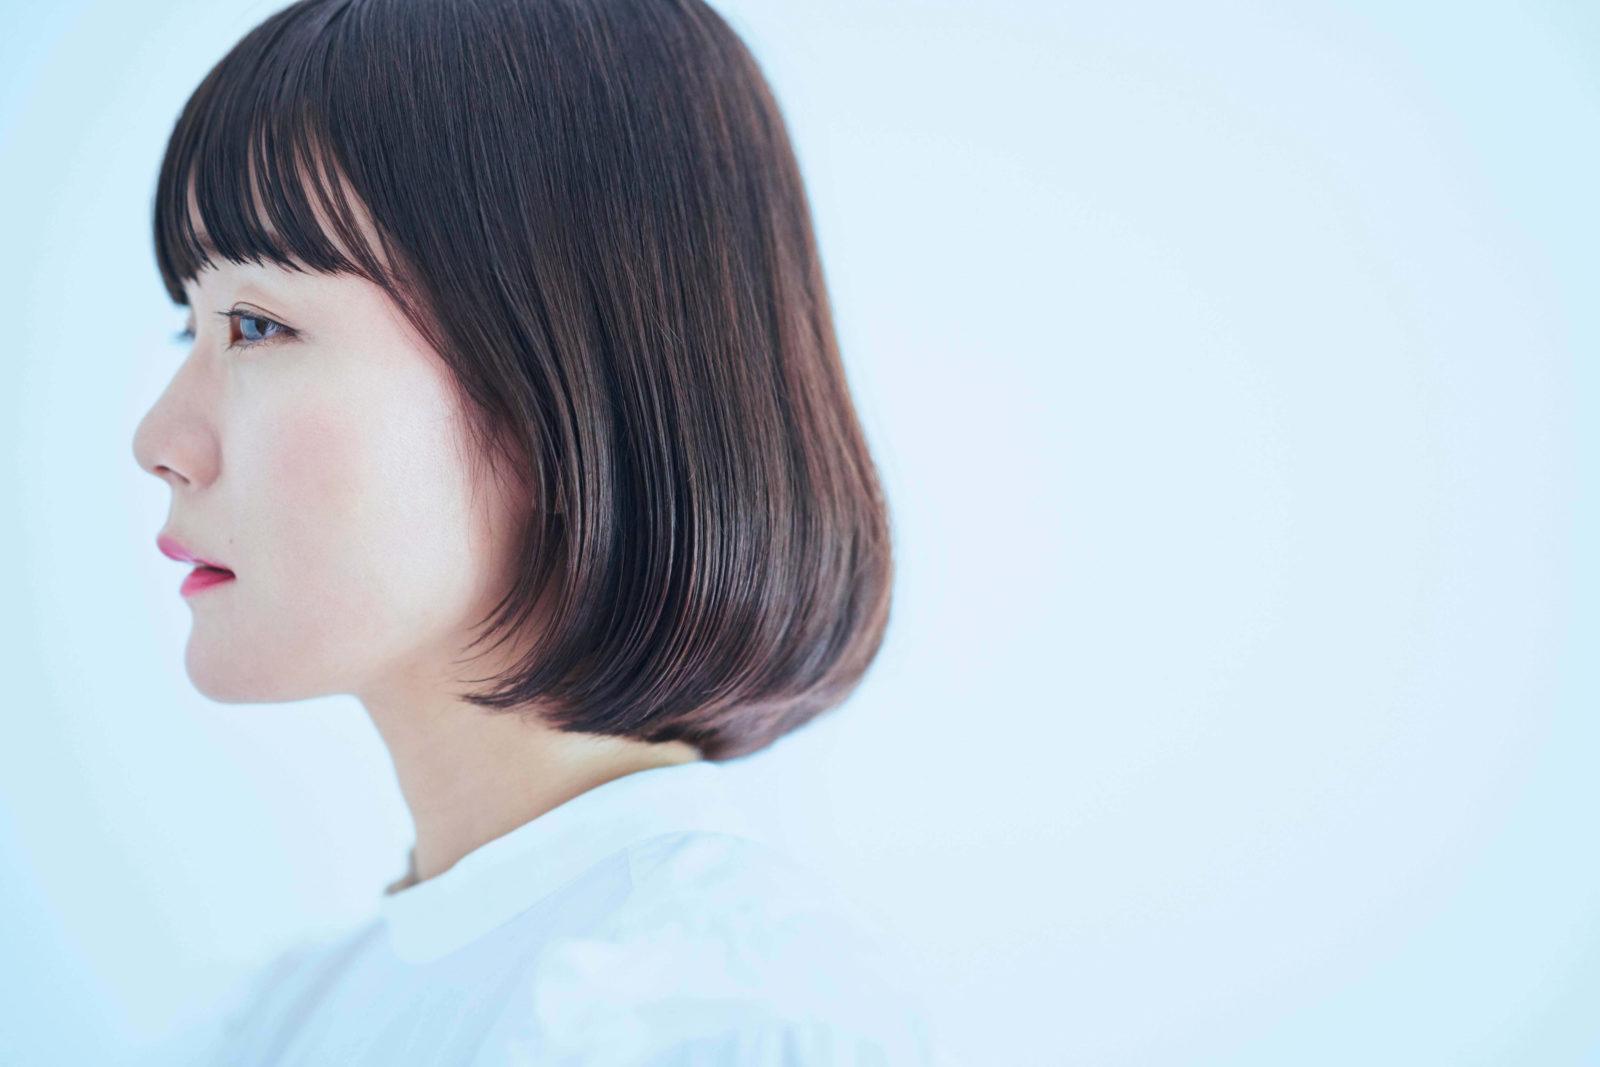 吉澤嘉代子「女優姉妹」から、J-WAVE、TOKYO FM、ニッポン放送で新曲オンエア解禁決定サムネイル画像